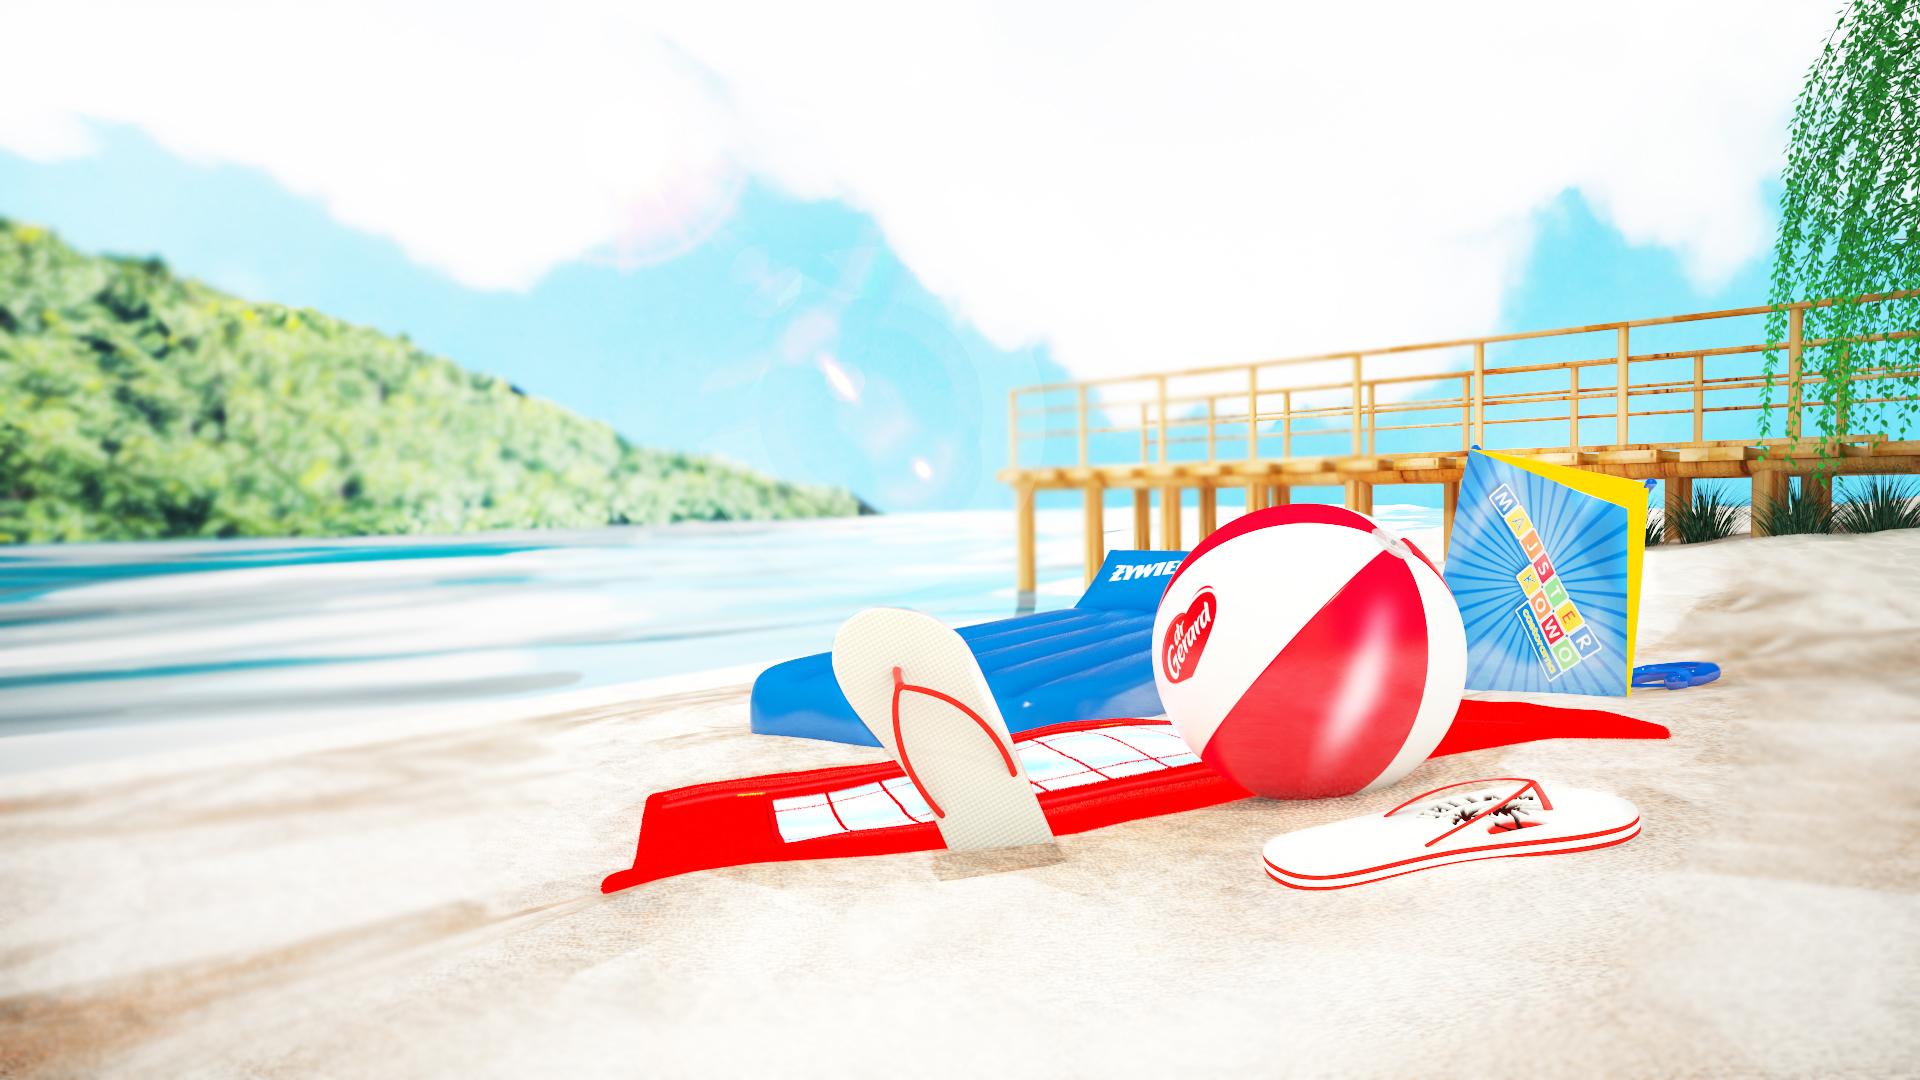 Gadżety plażowe czyli amoże nadmorze ?